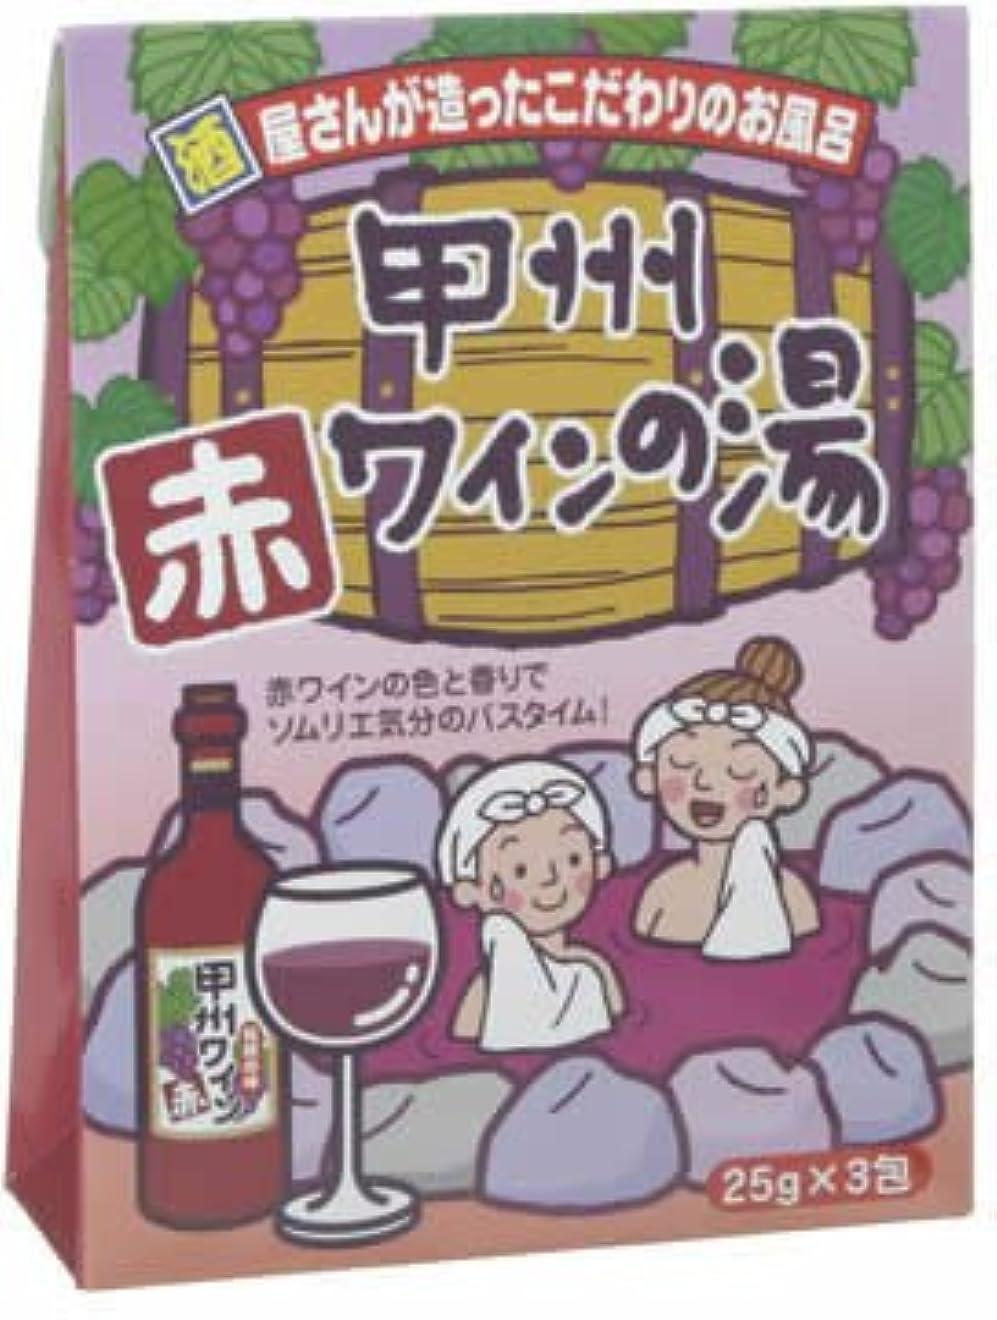 サドル満員意気込み甲州 赤ワインの湯 25g*3包